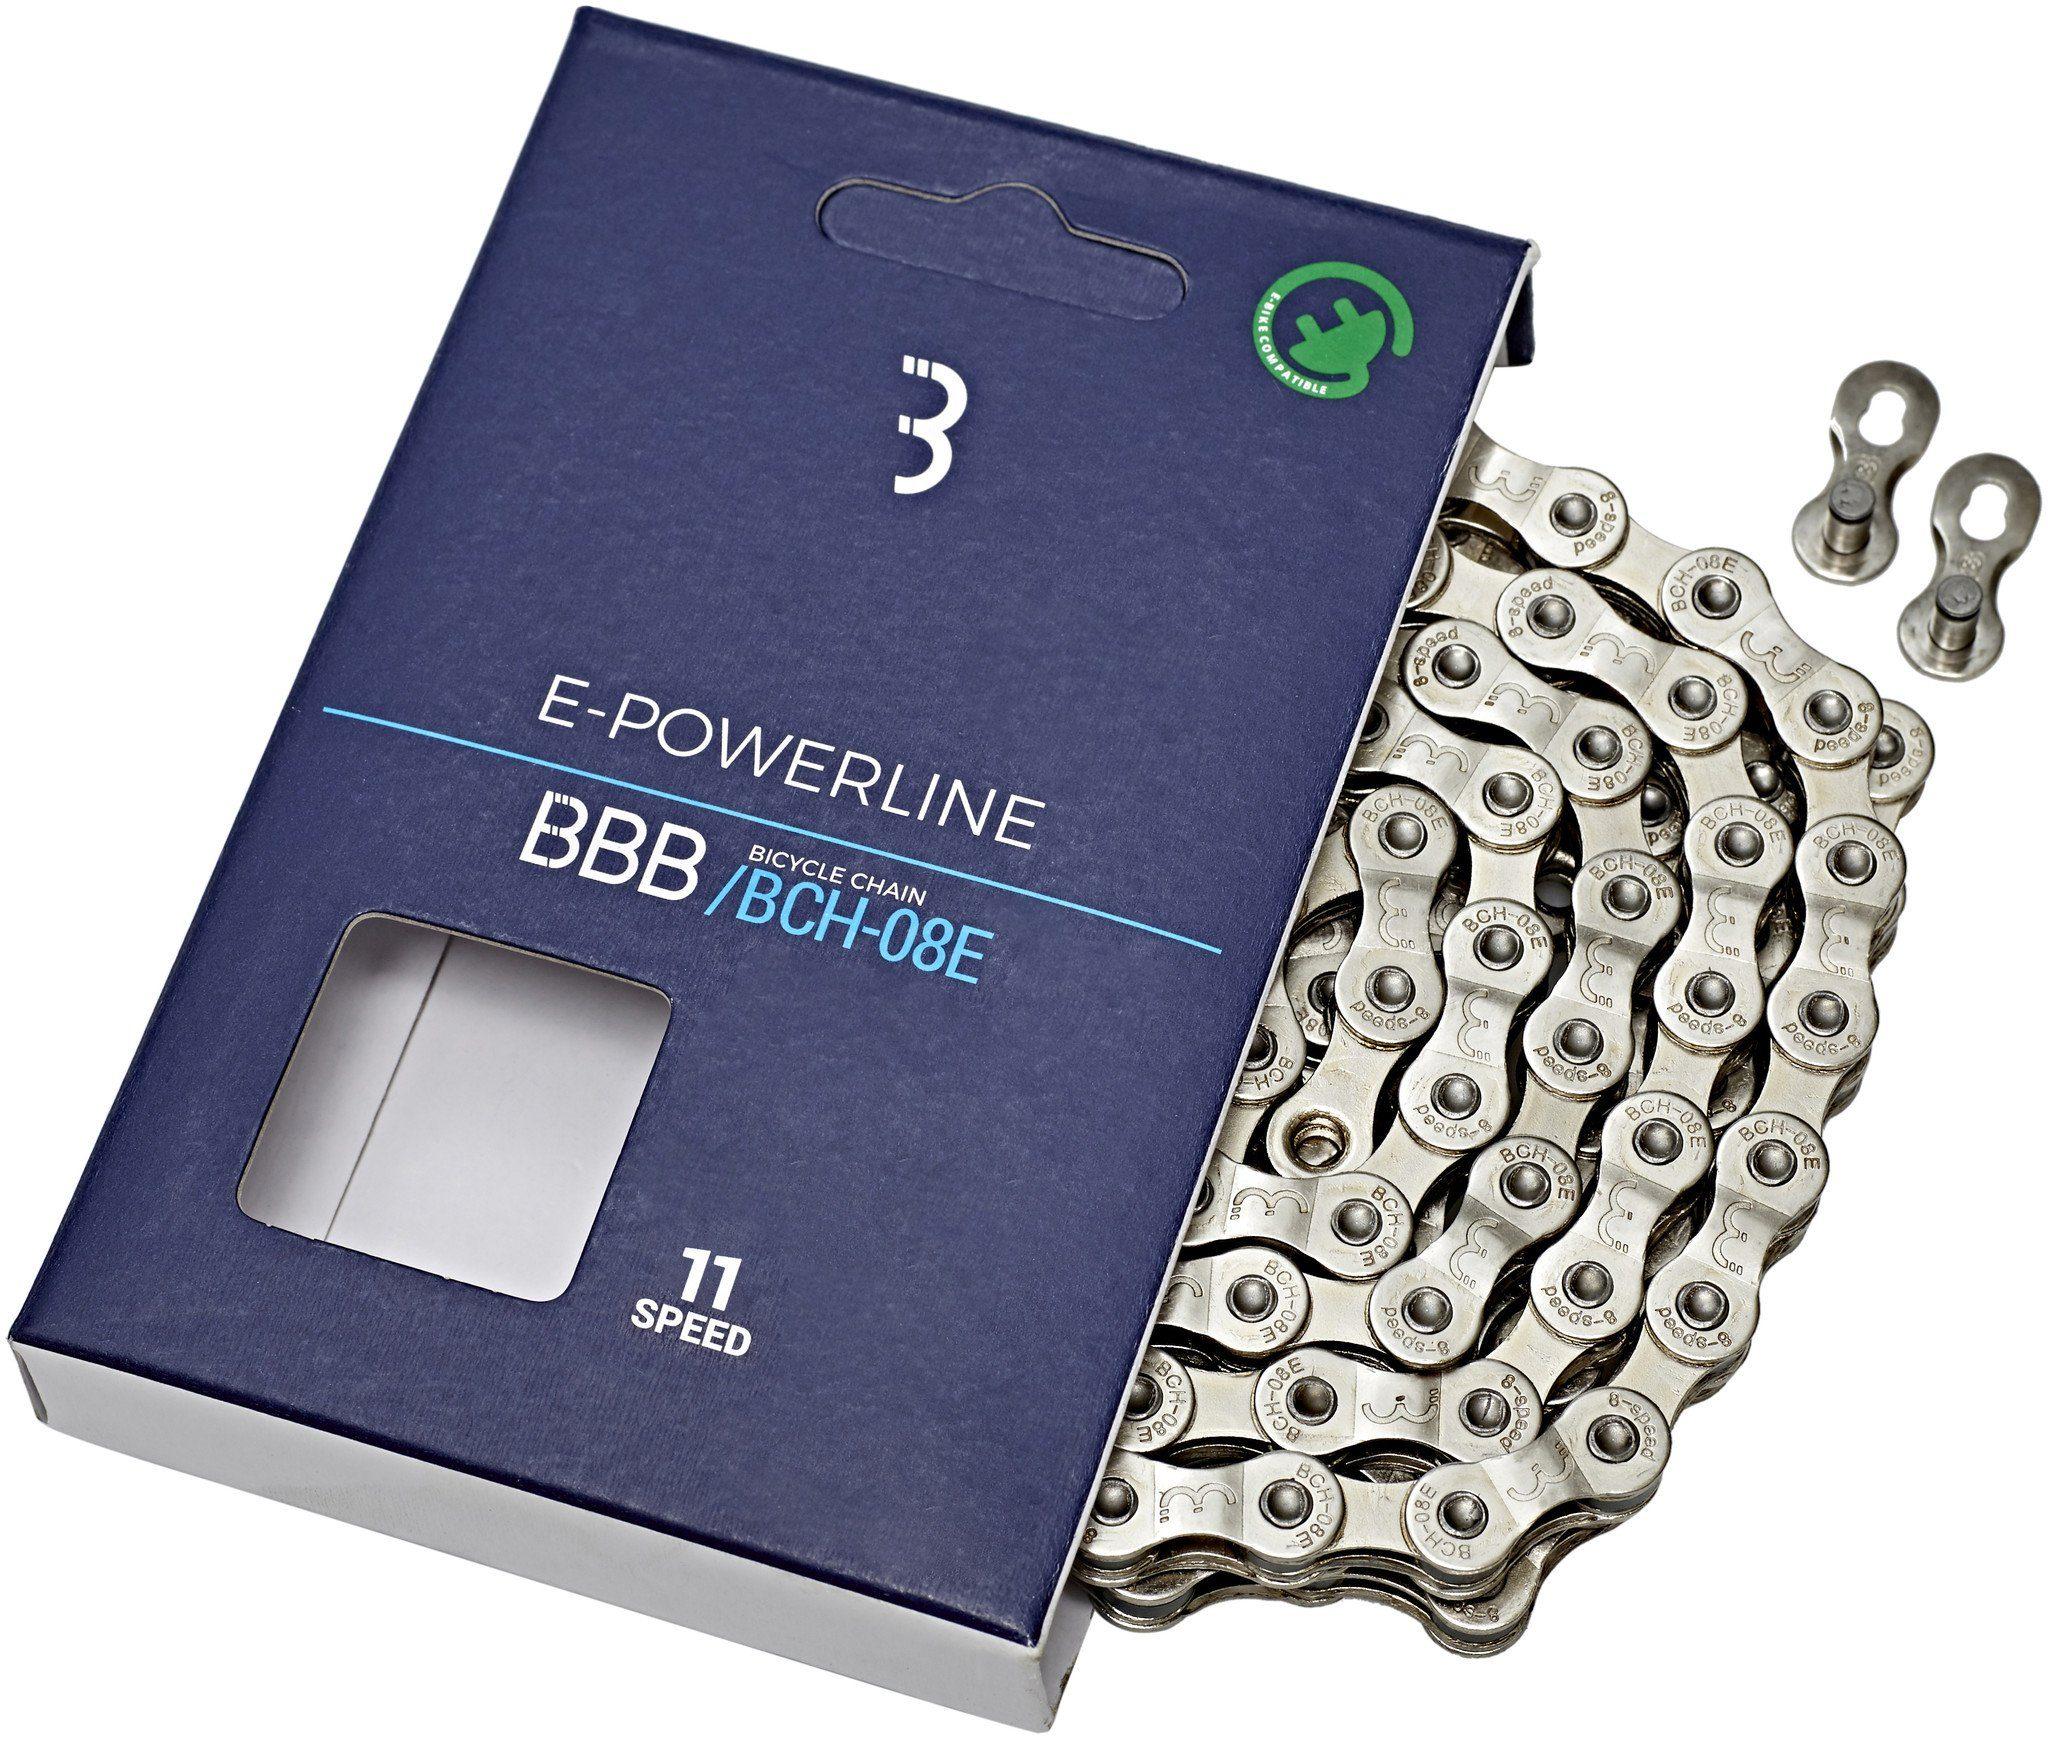 BBB Ketten »E-Powerline E-Bike BCH-11E Kette 11-fach«